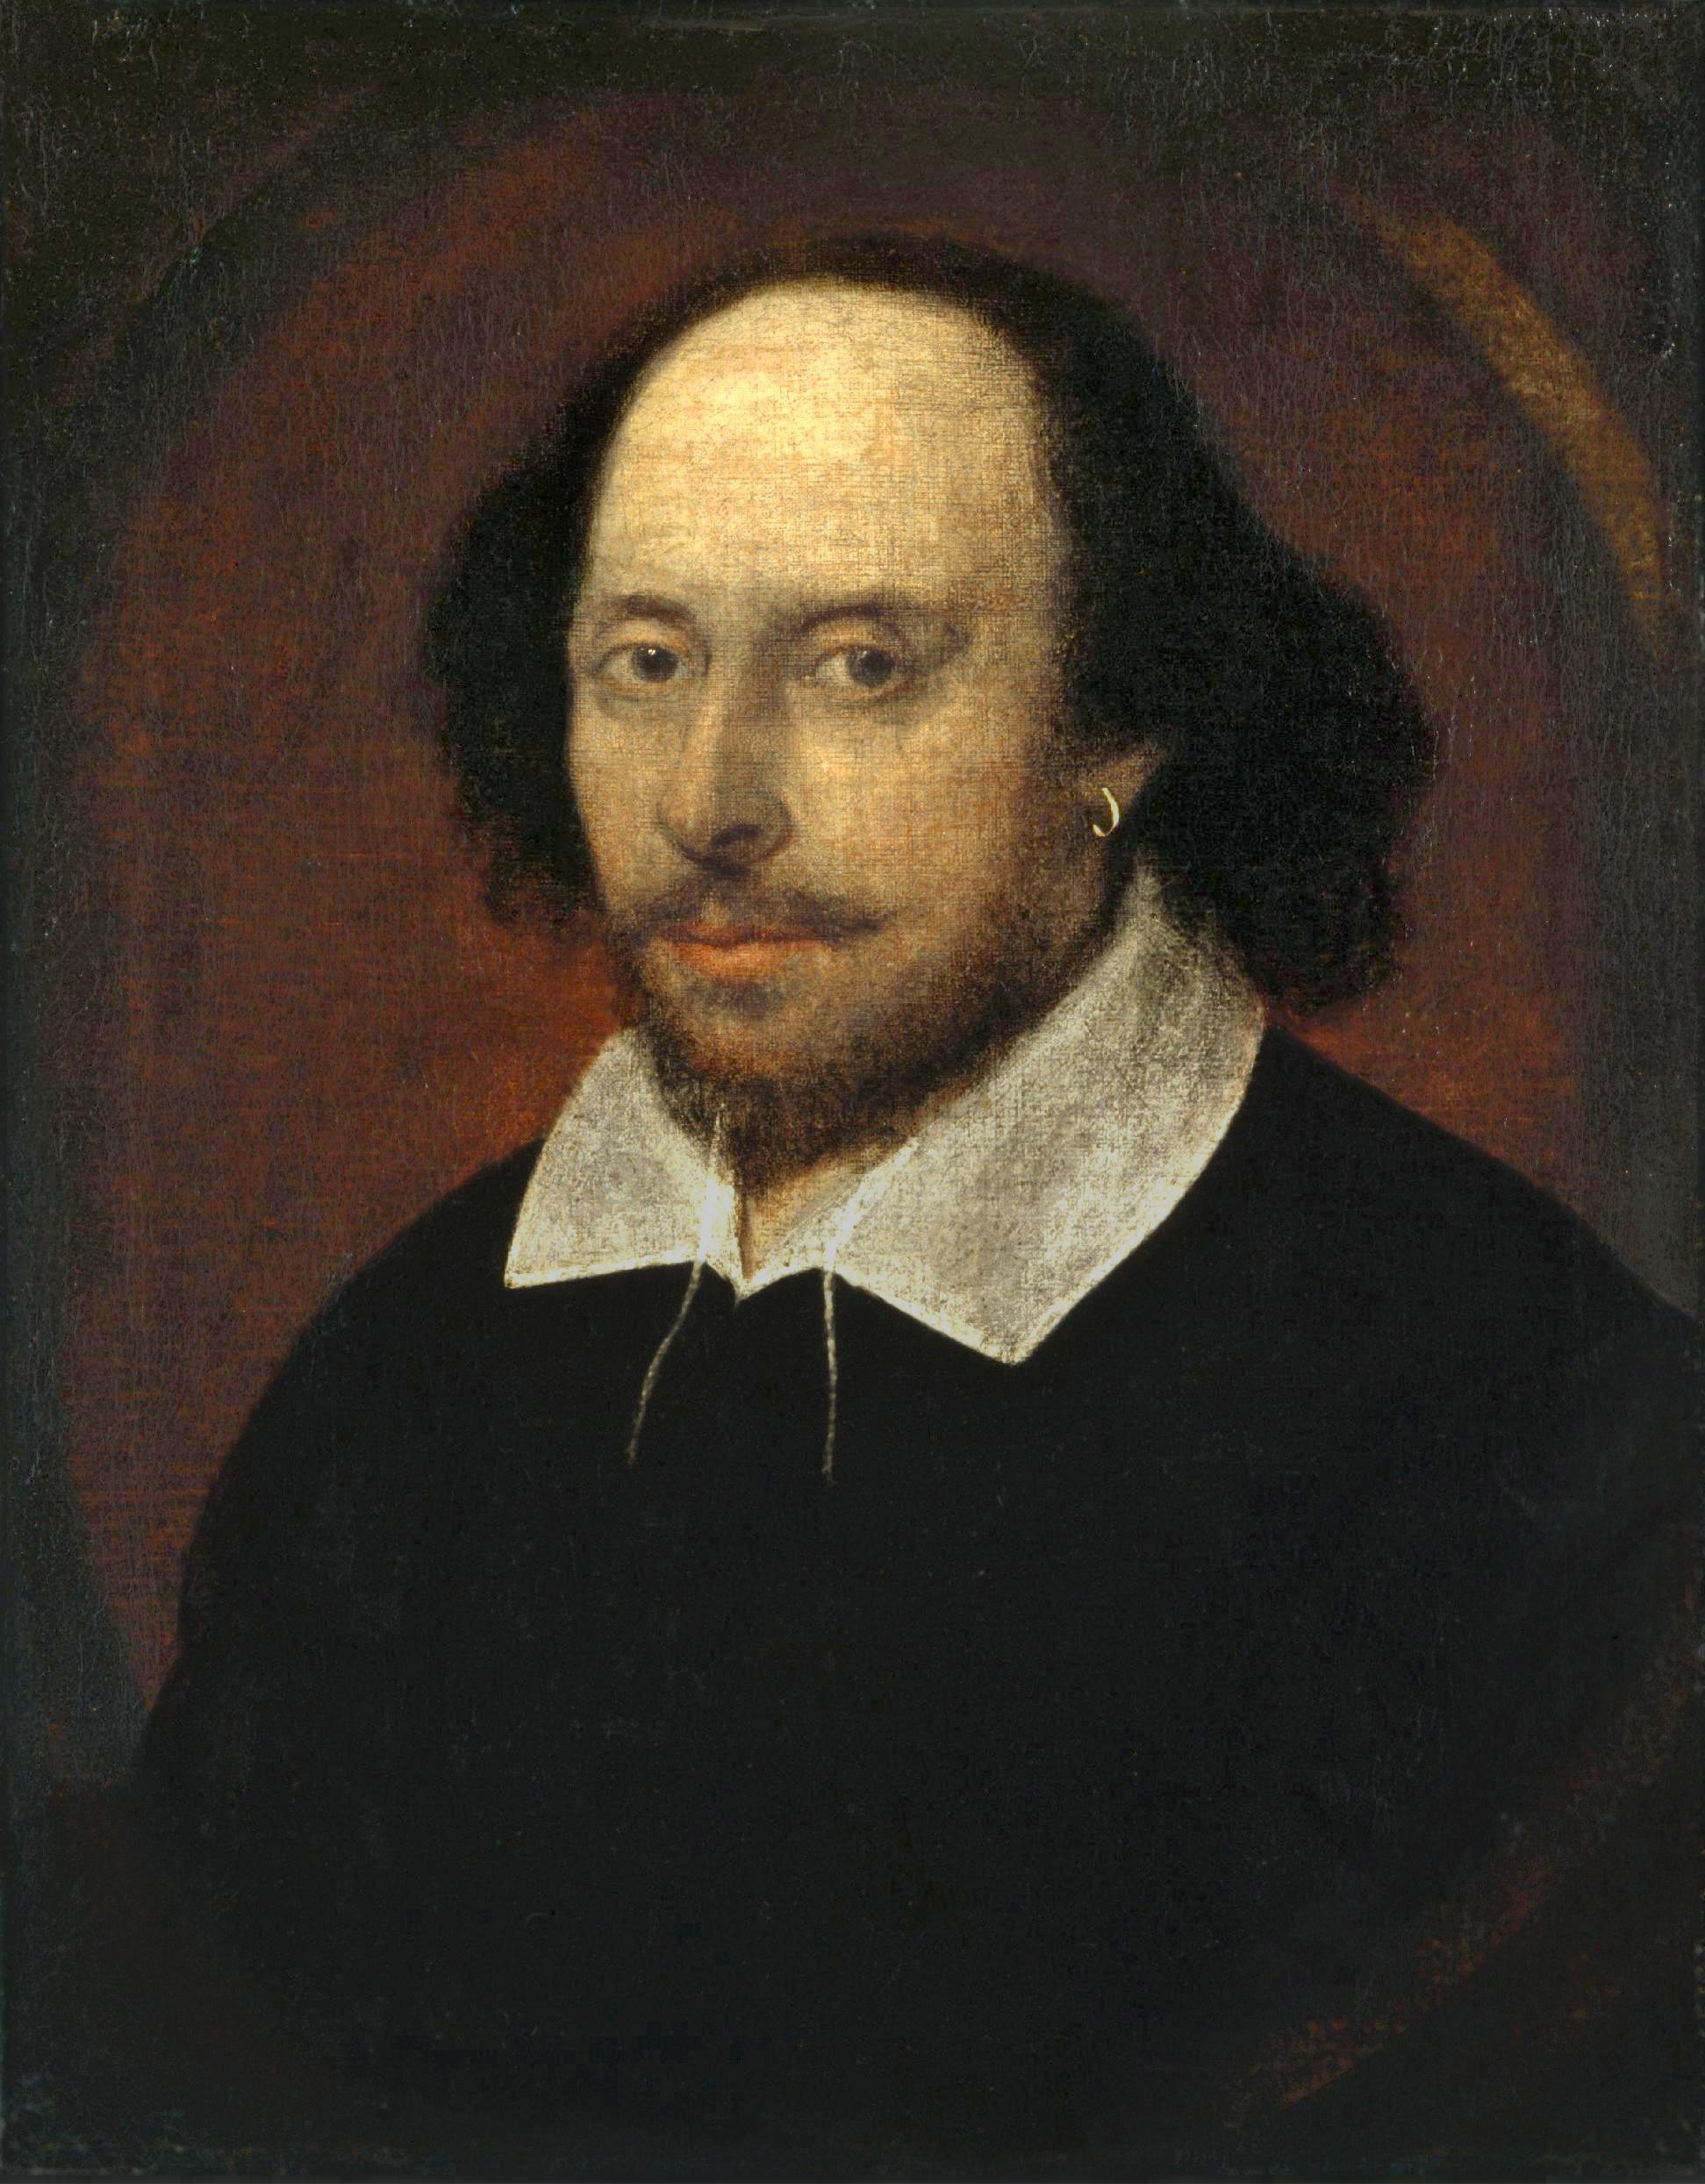 Shakespearejpg